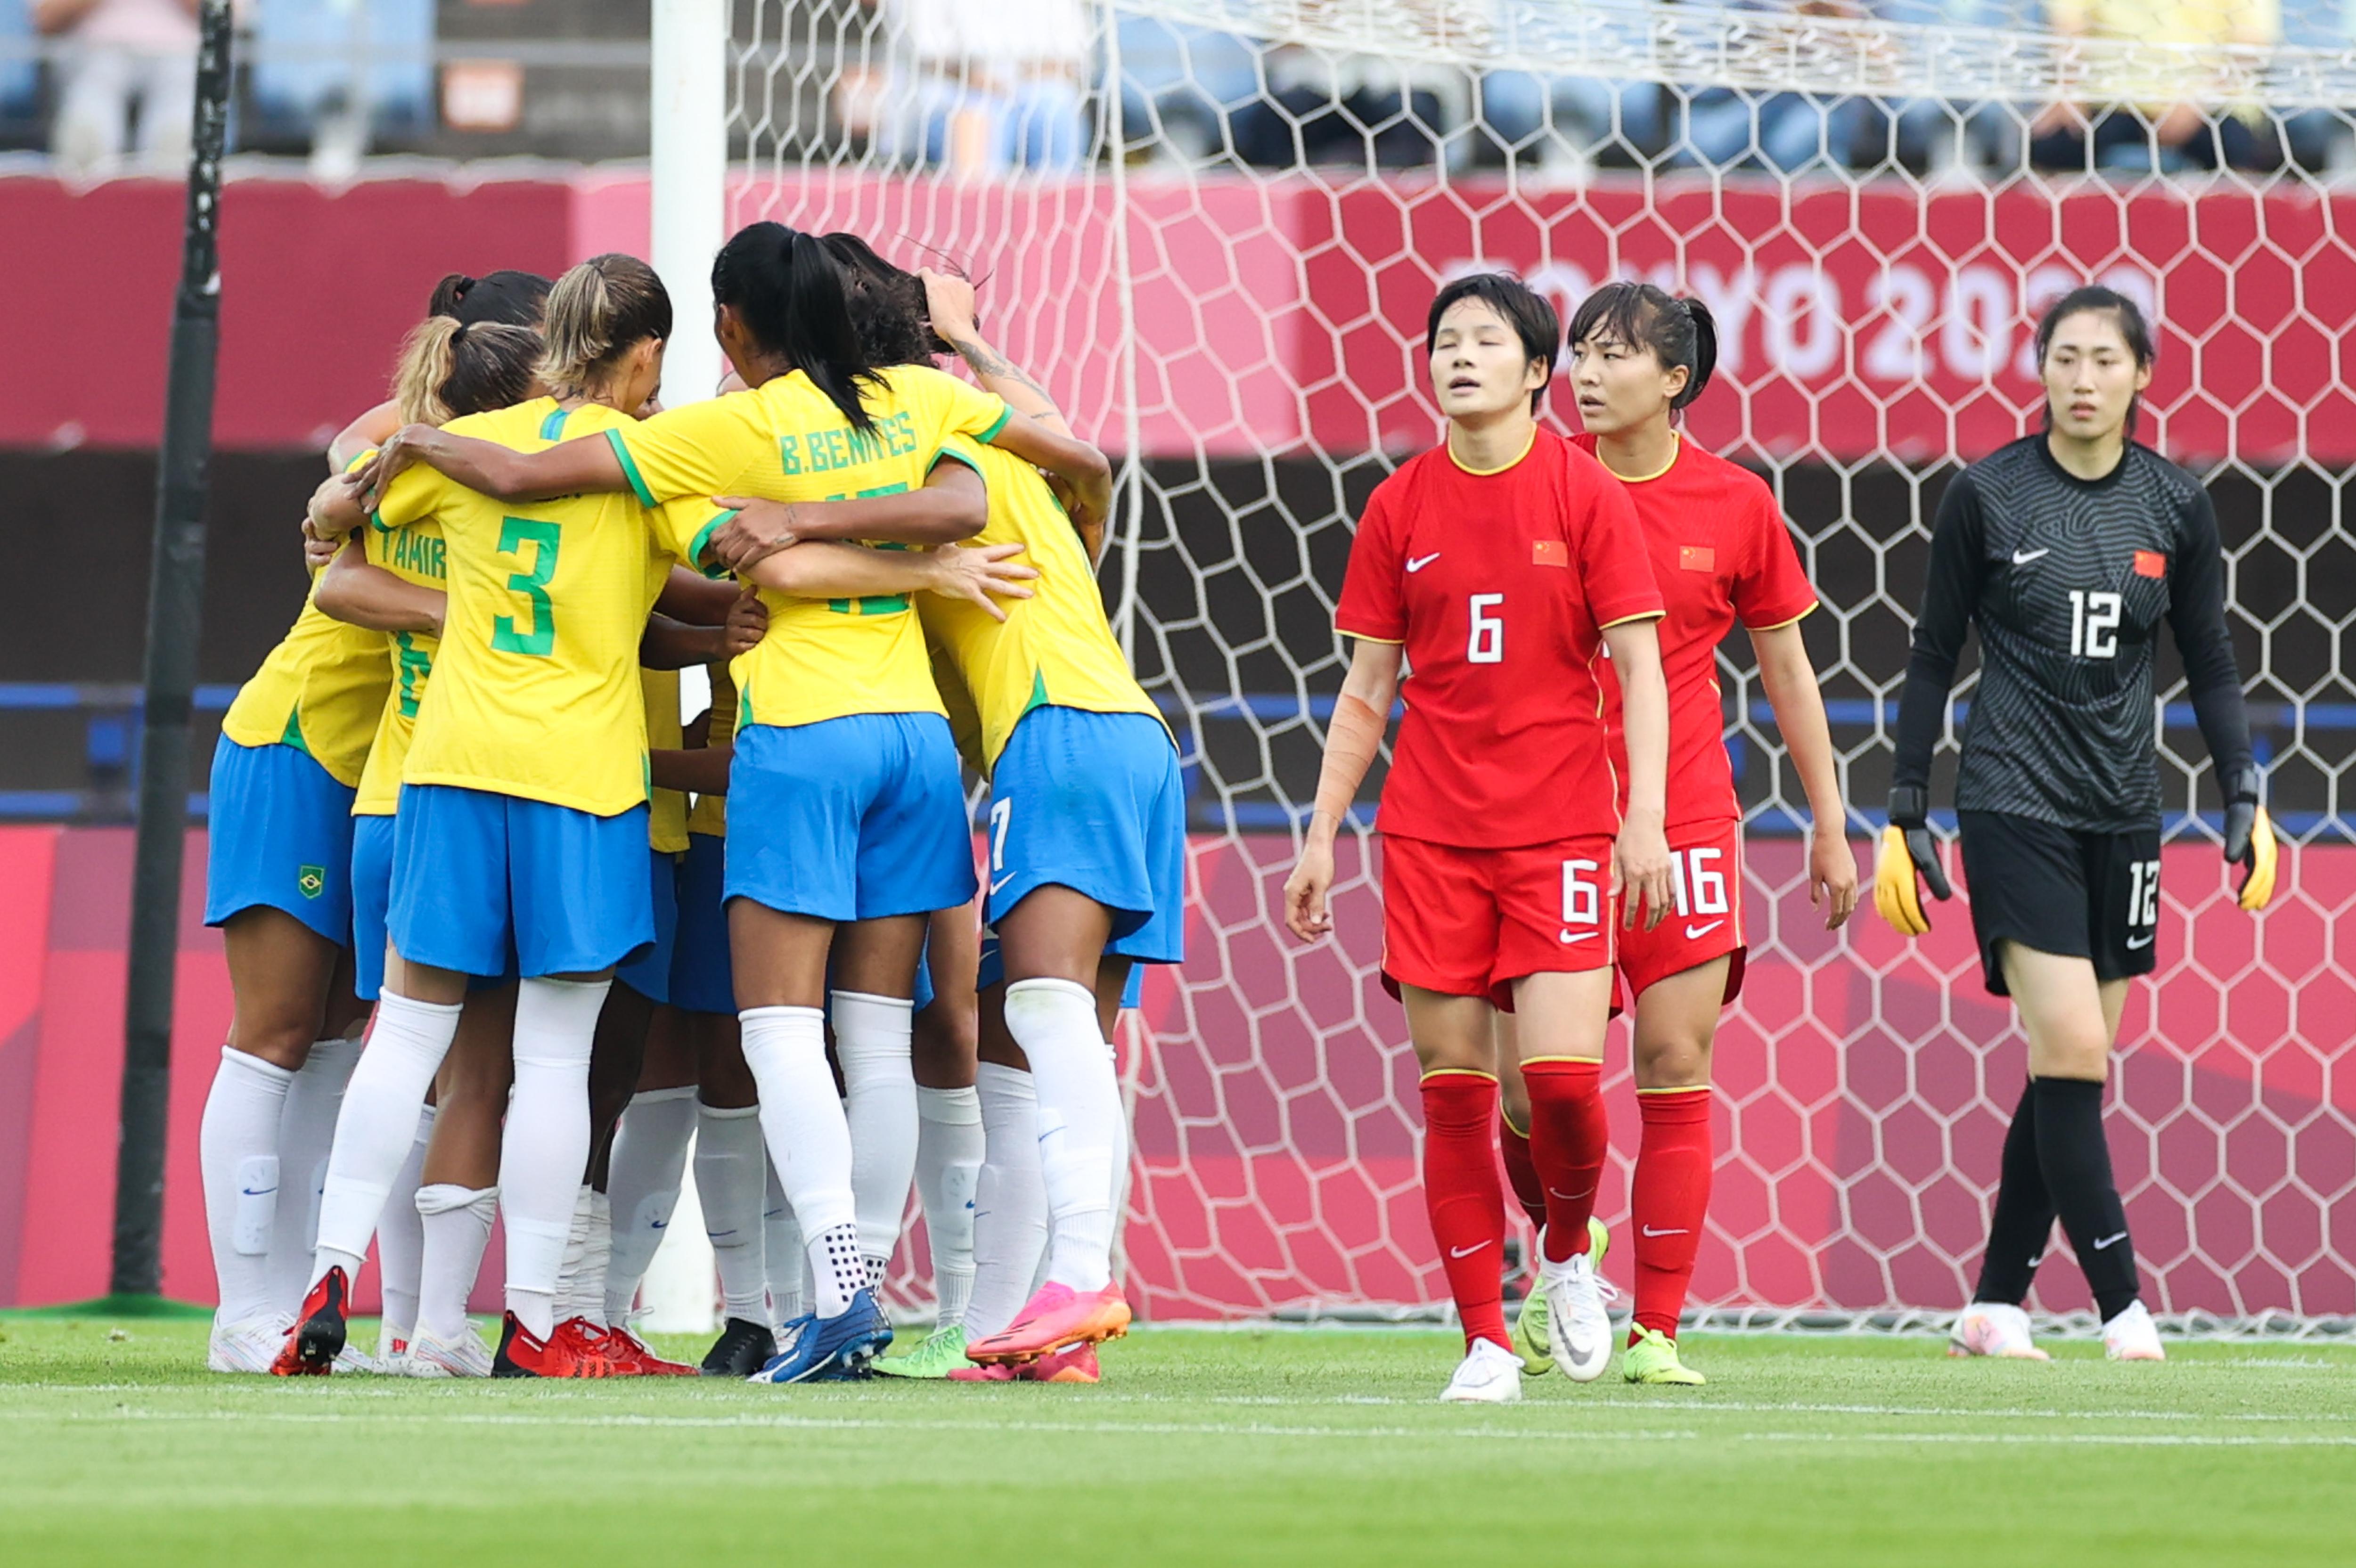 巴西女足的实力还是高出一筹。